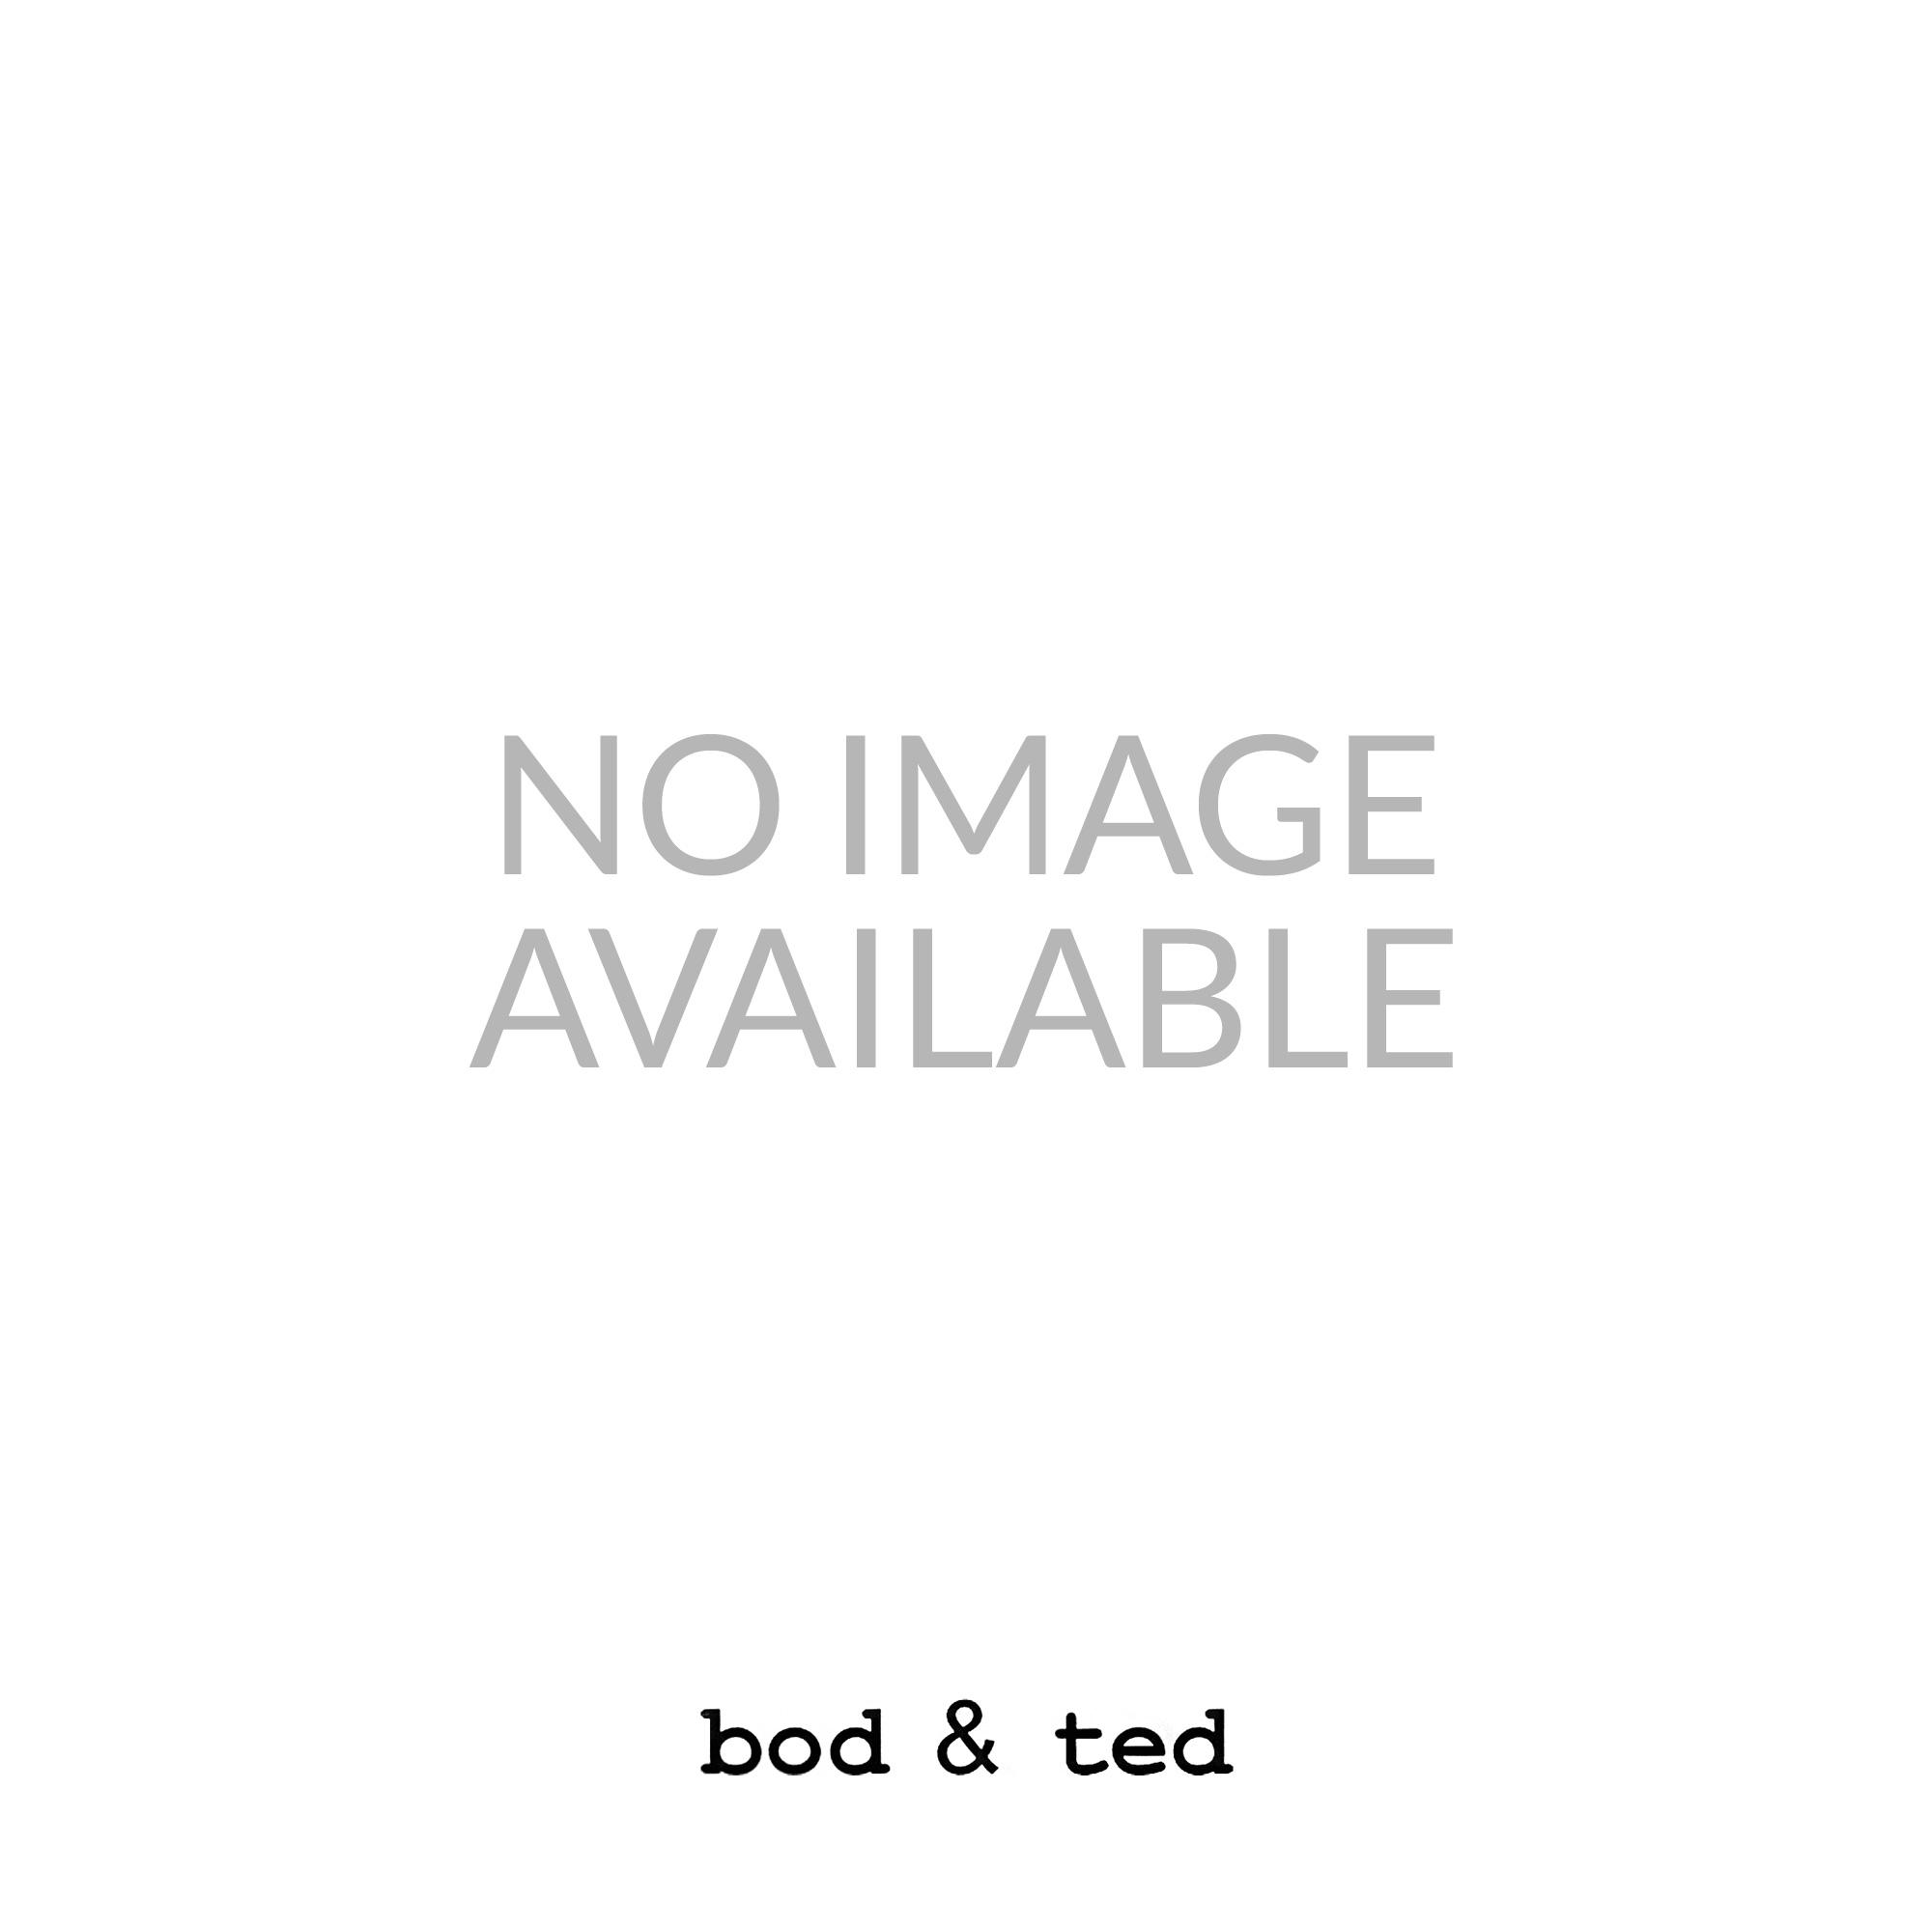 Skandinavisk HYGGE (HU-GAH) Candle